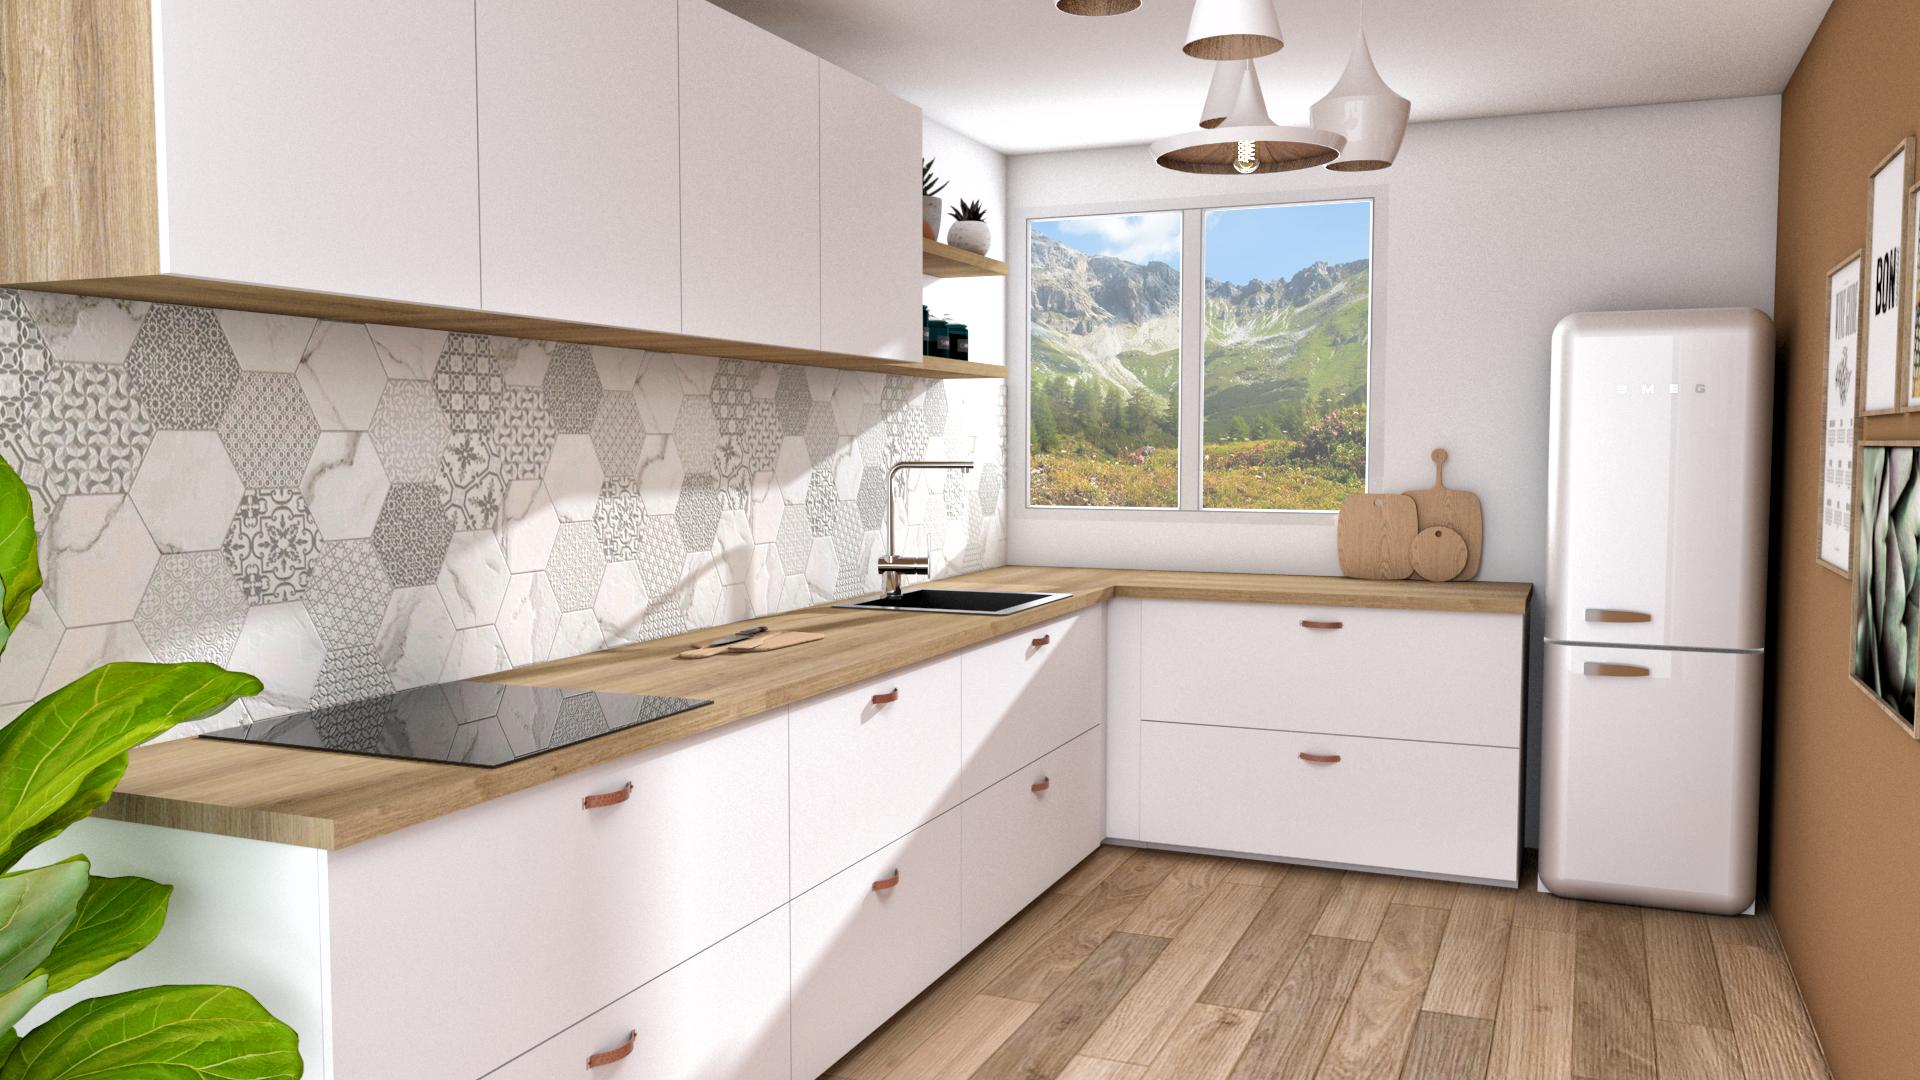 Cuisine Scandinave Blanc Et Bois cuisine scandinave blanche et bois clair. #cuisine